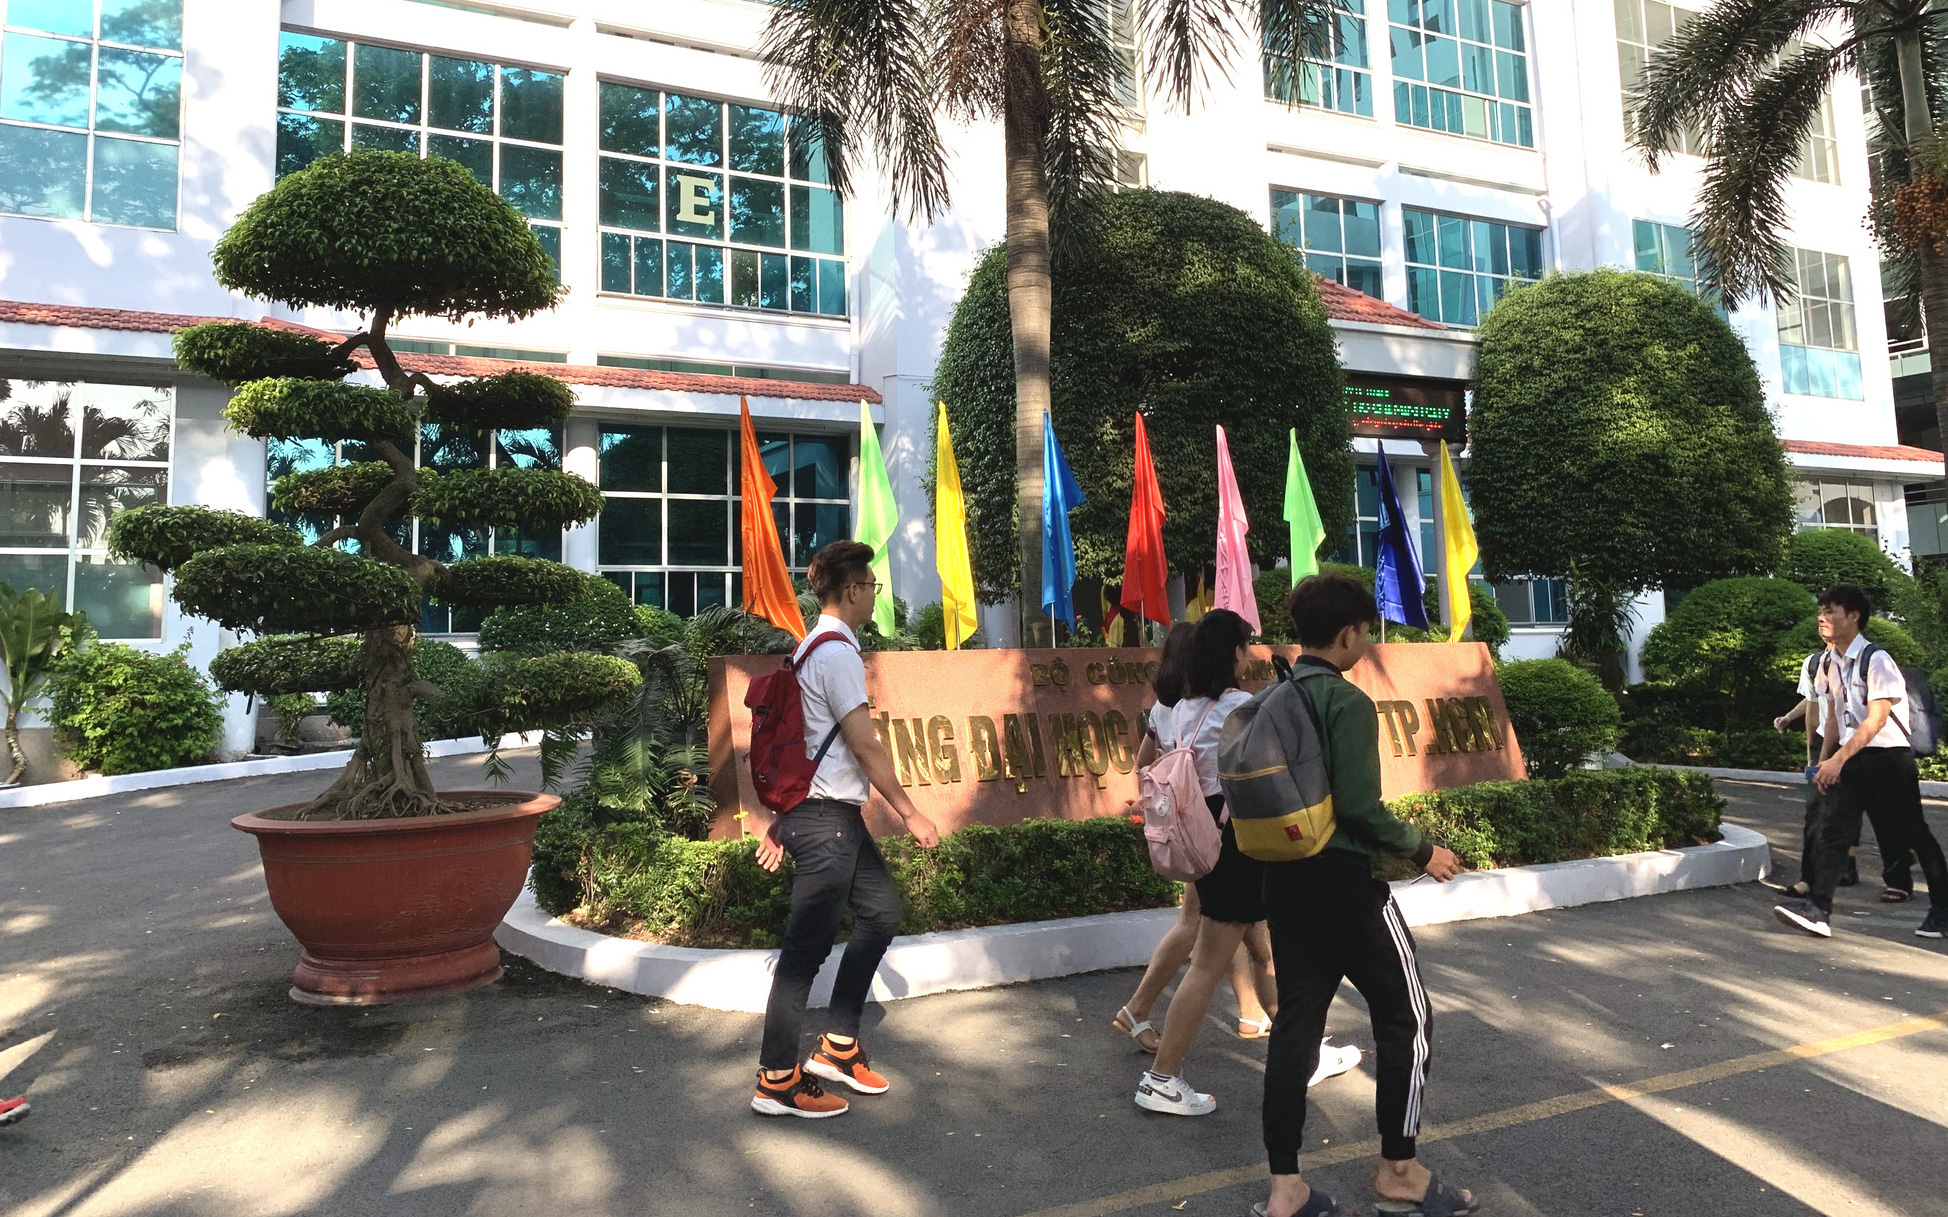 ĐH Công nghiệp TP.HCM cảnh báo hơn 2.200 sinh viên bỏ học, bỏ thi